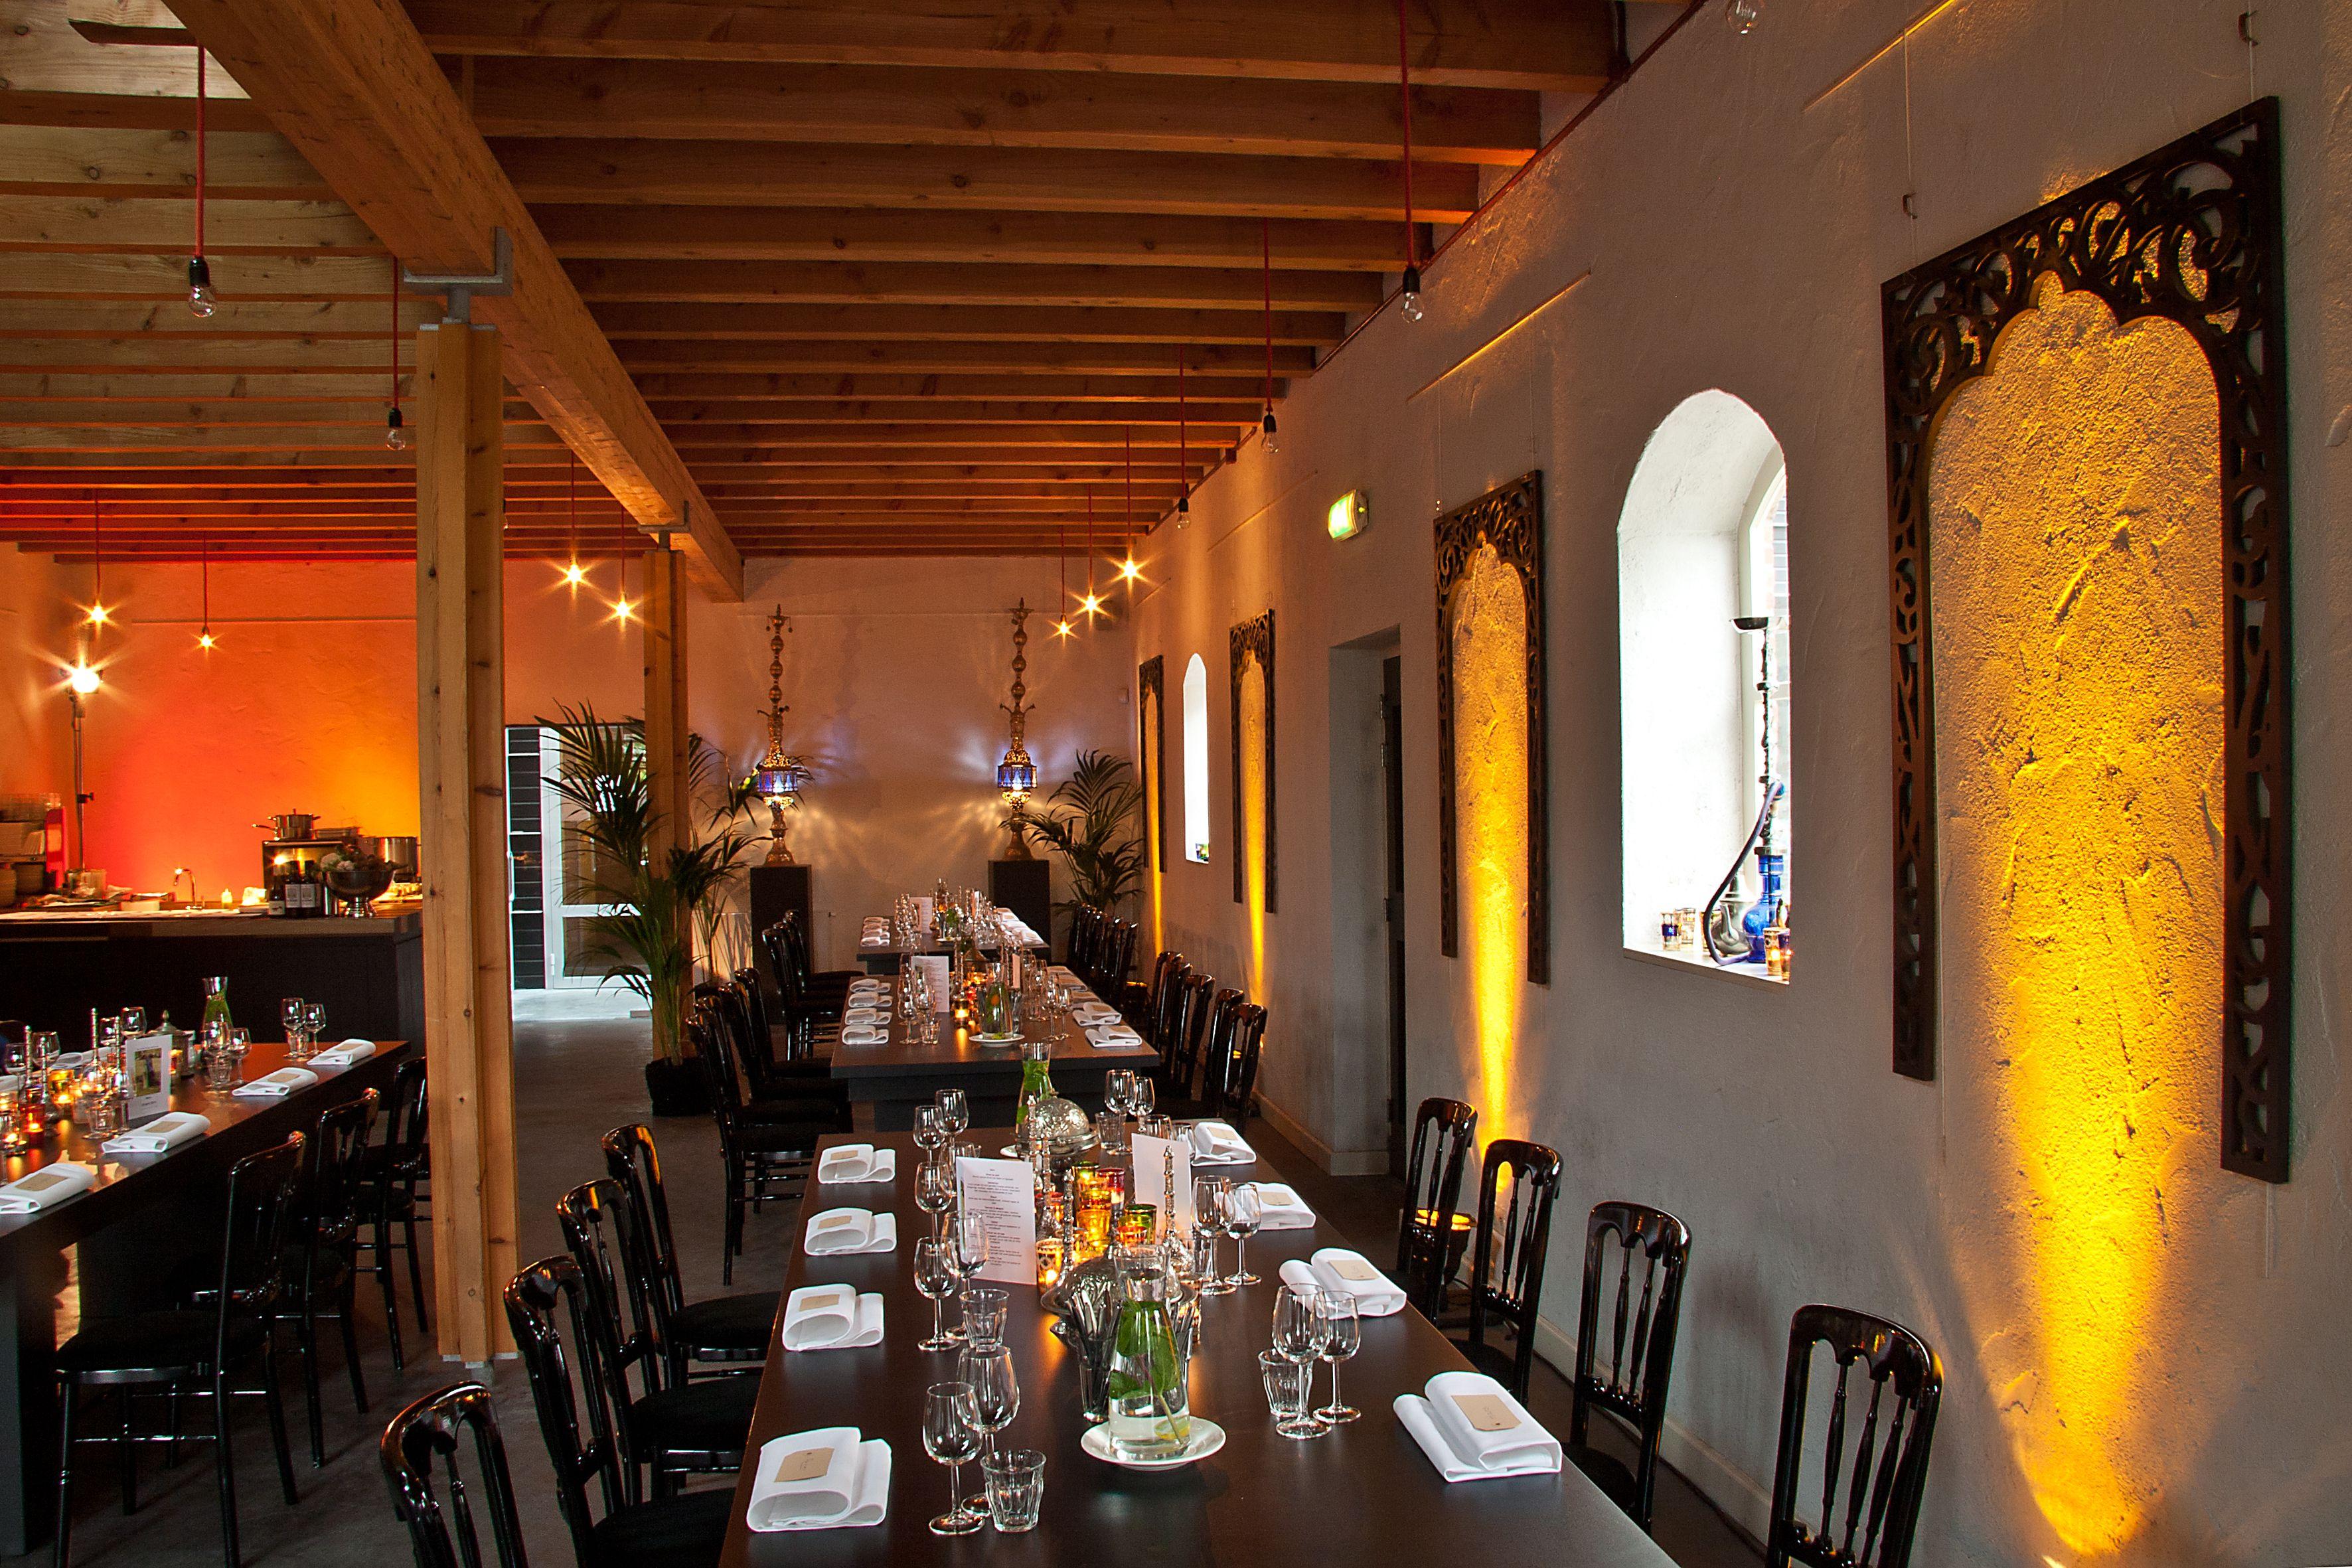 Diner Oosterse stijl Breda